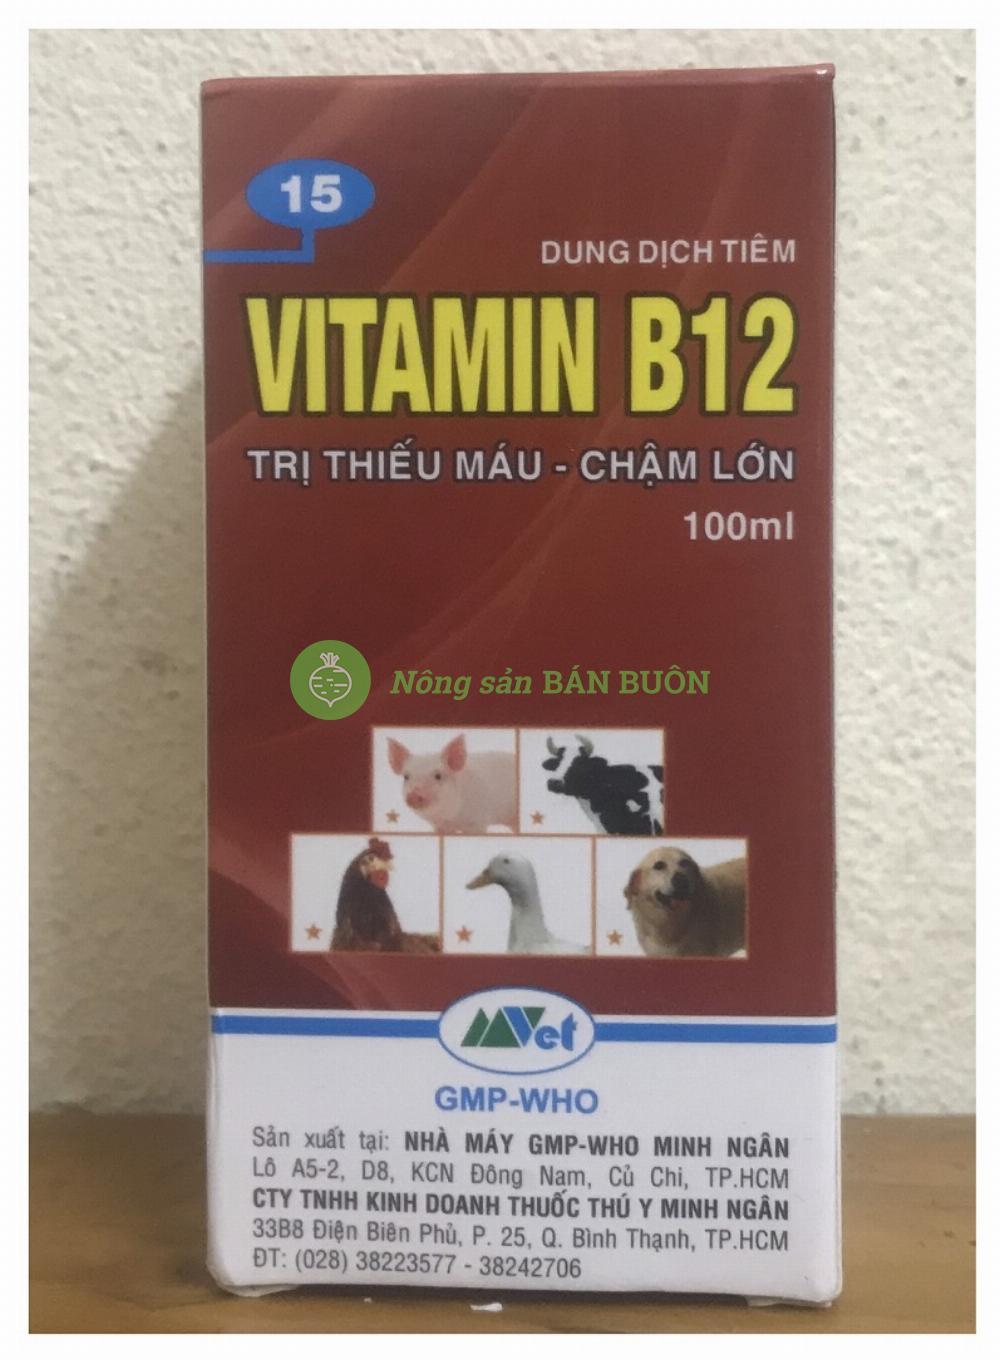 Vitamin B12 hộp 100ml - Trị thiếu máu, chậm lớn cho động vật, Giải độc cho cây !